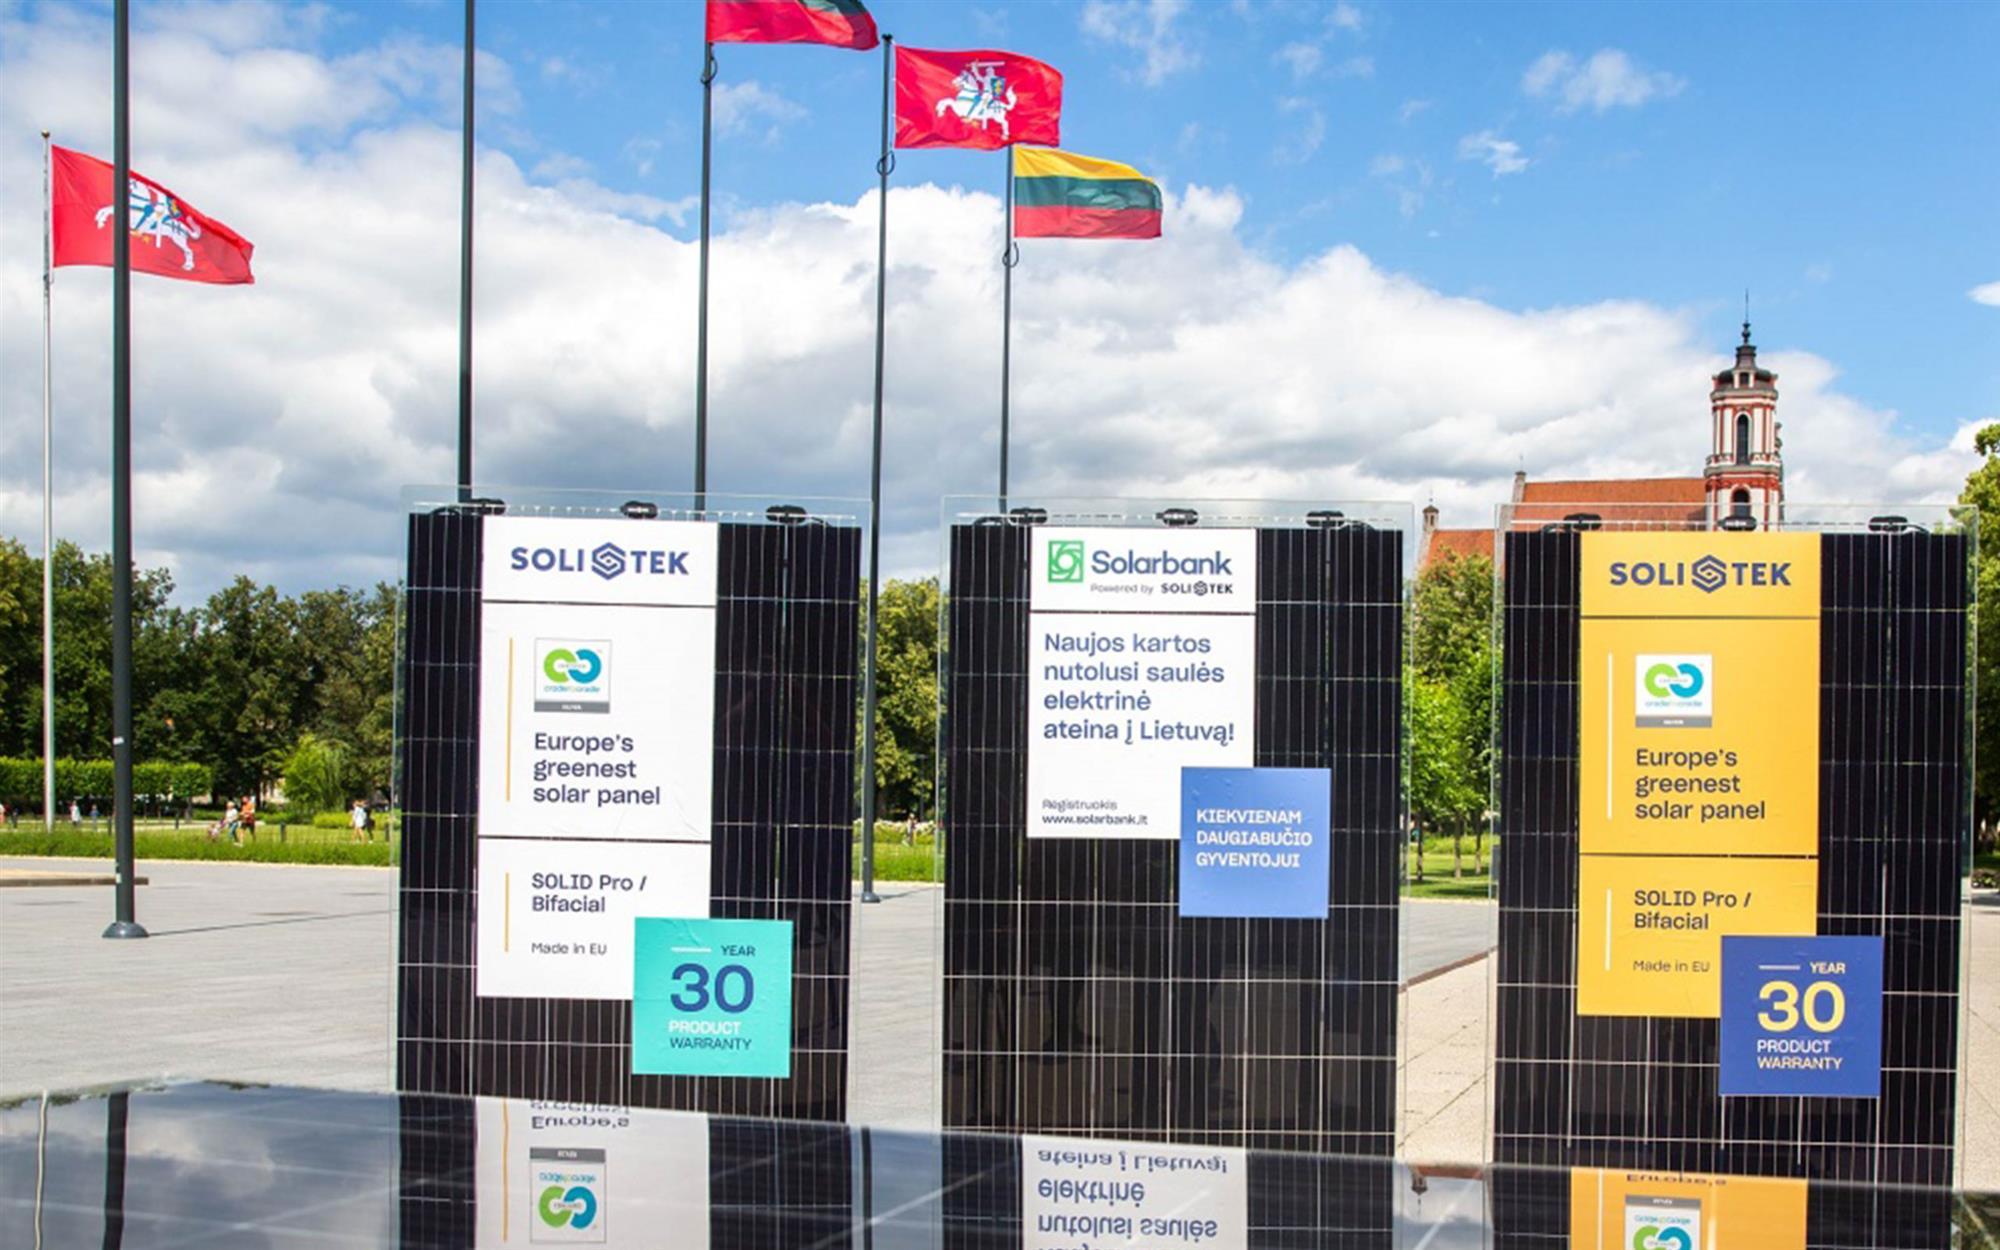 Solitek solcellepanel leveres av Midt Energi